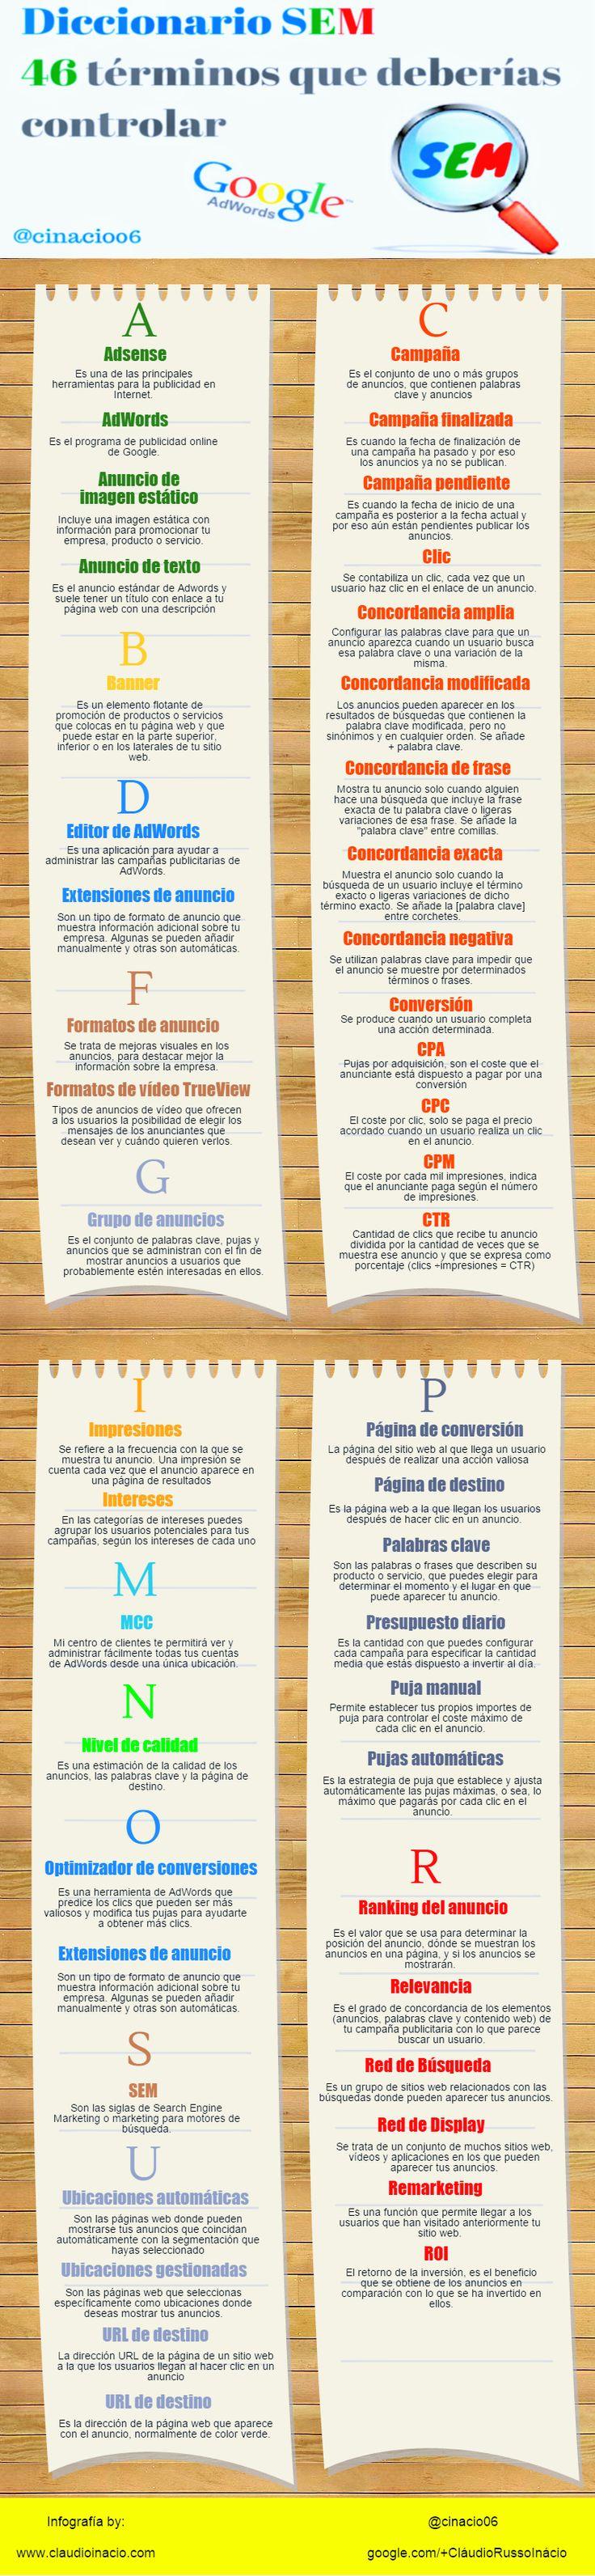 Diccionario SEM: 46 términos que debes conocer